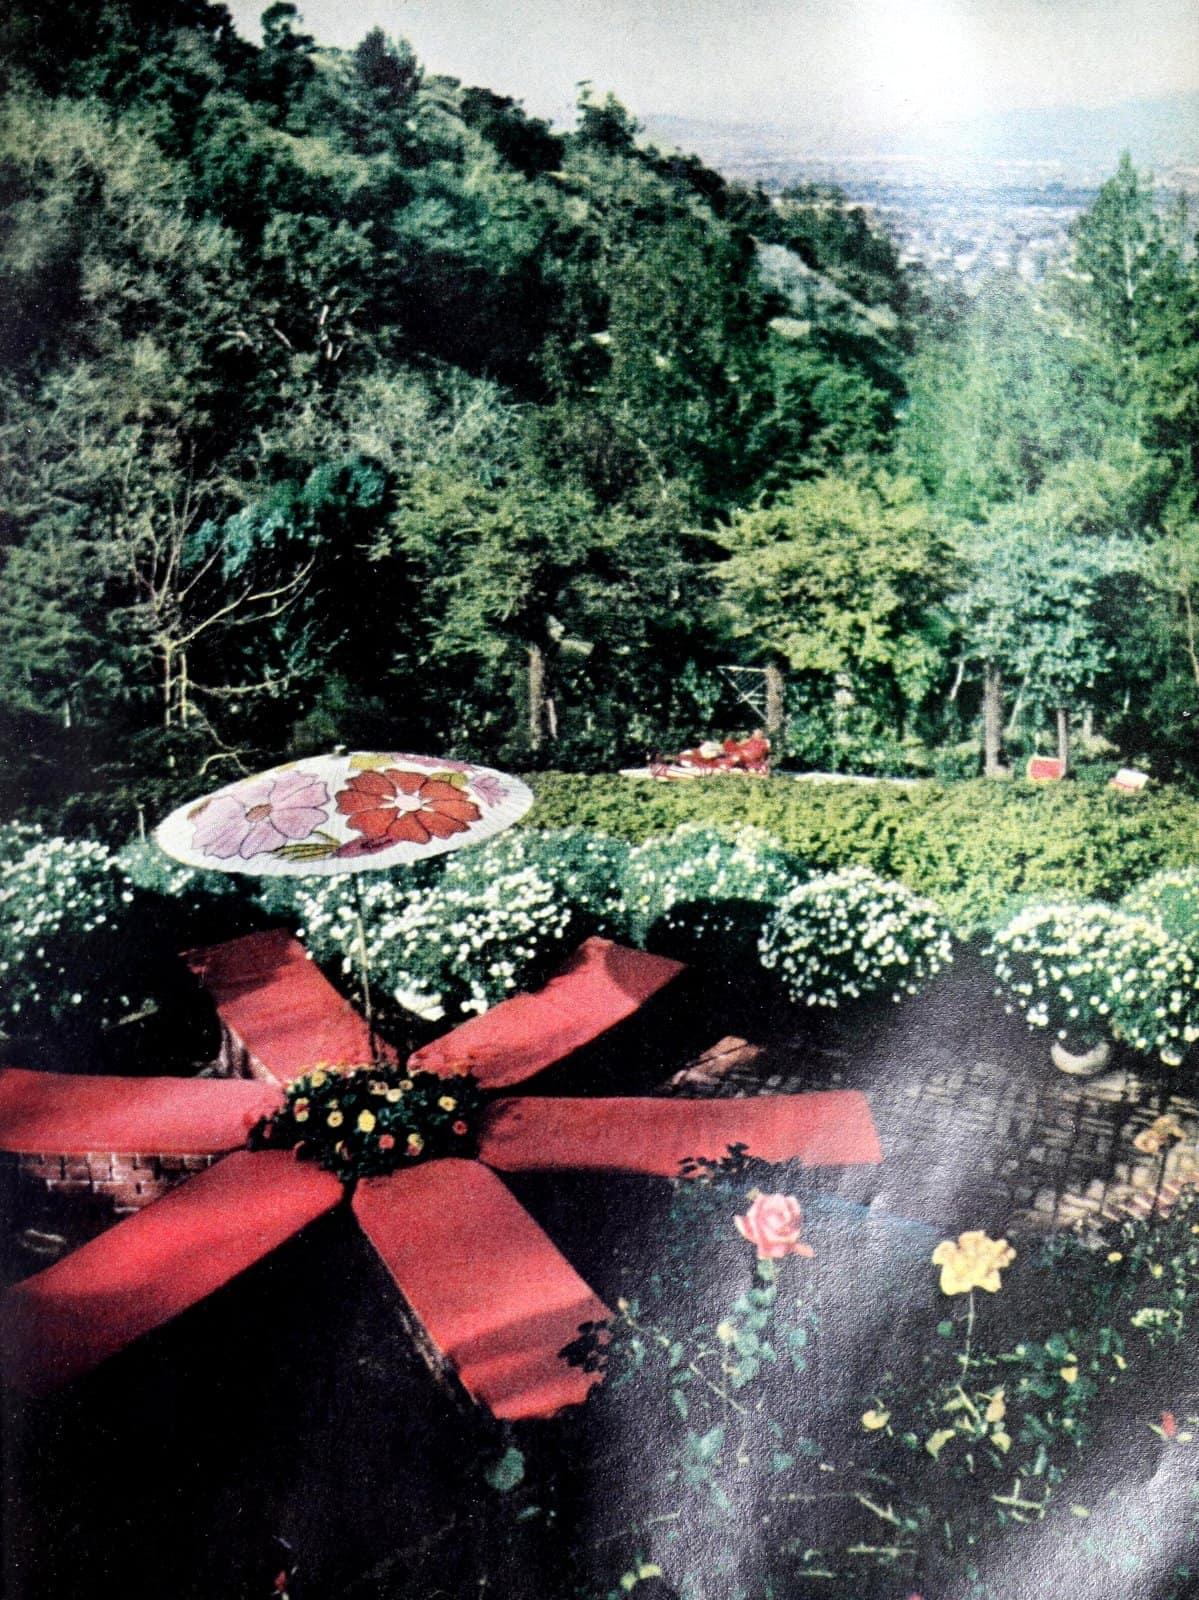 Starburst sun terrace in the '60s backyard (1966)